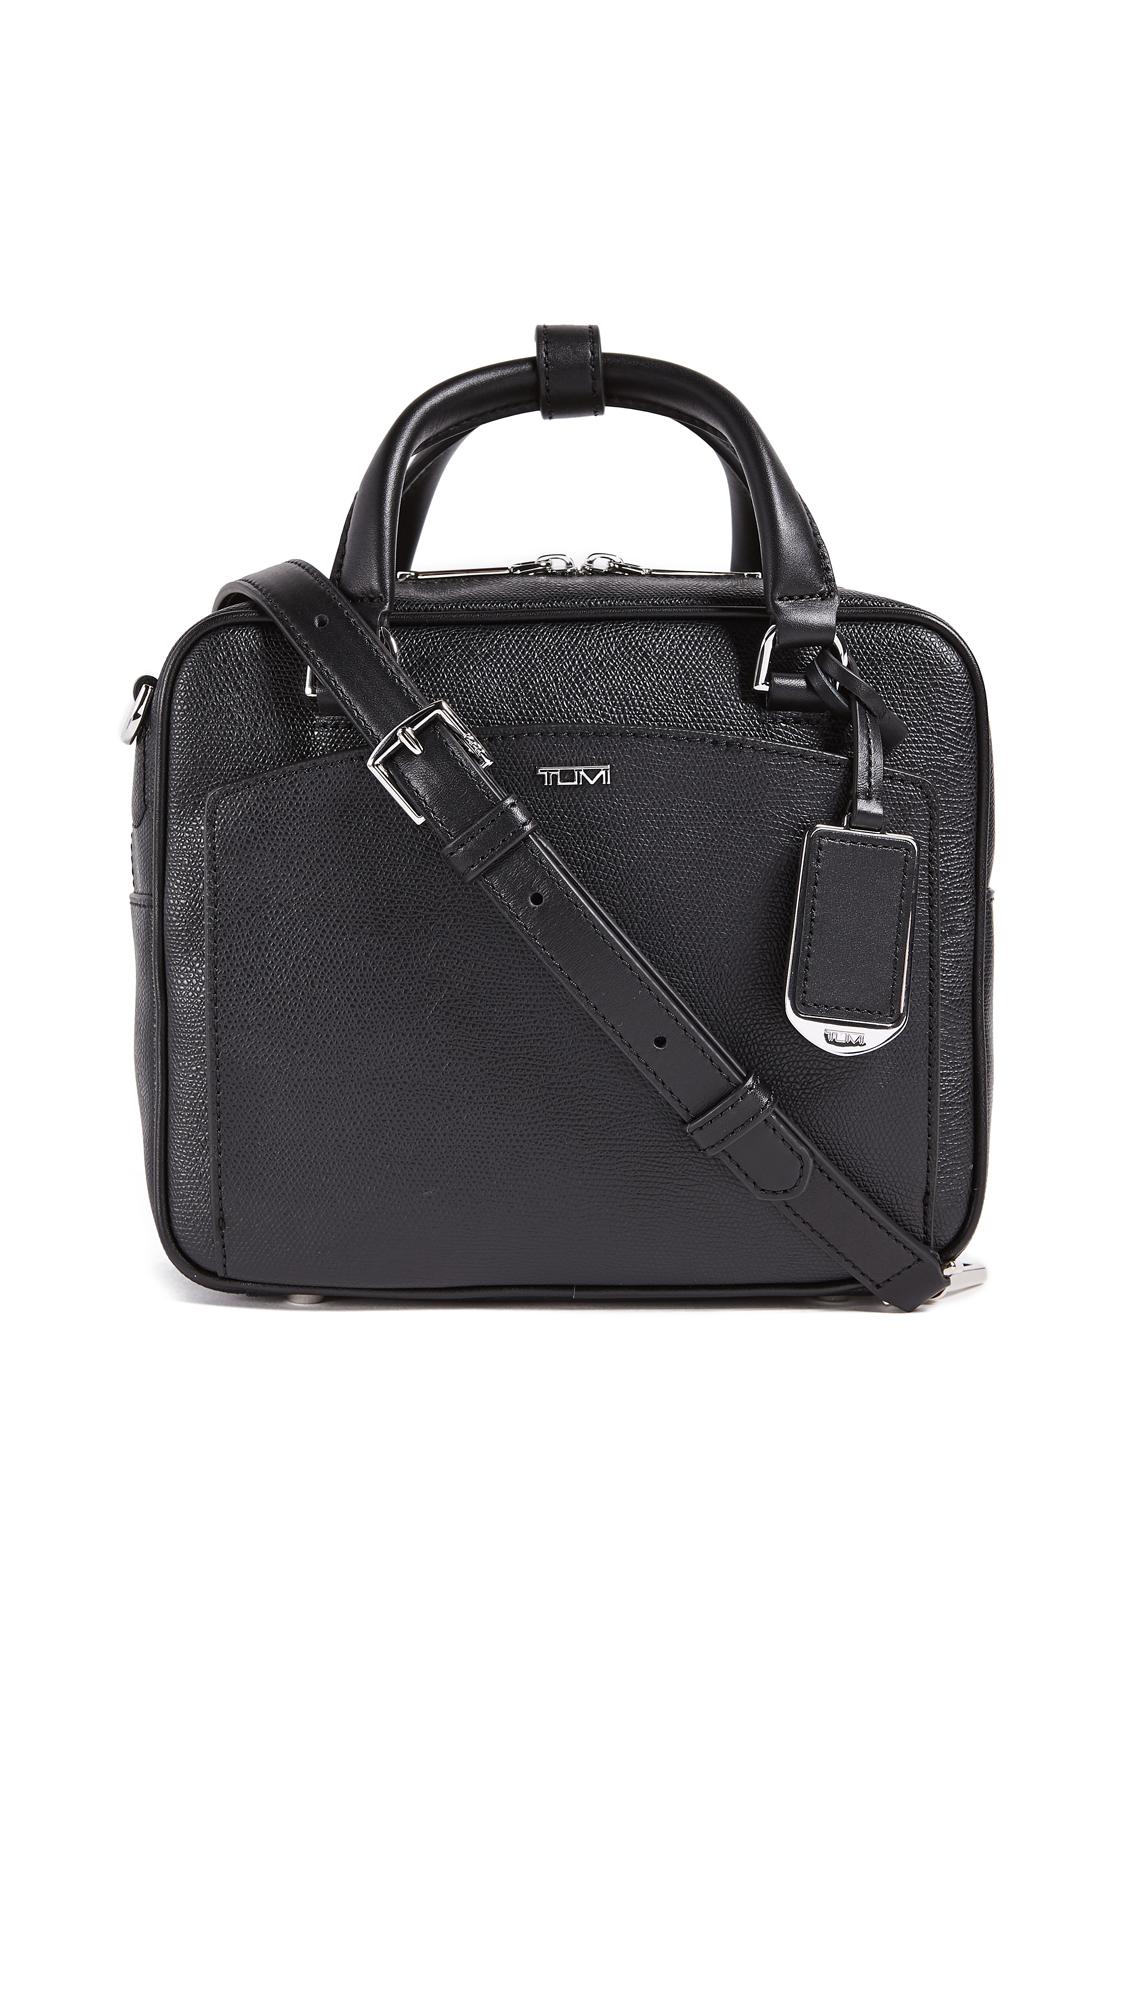 Tumi Aidan Cross Body Bag - Black